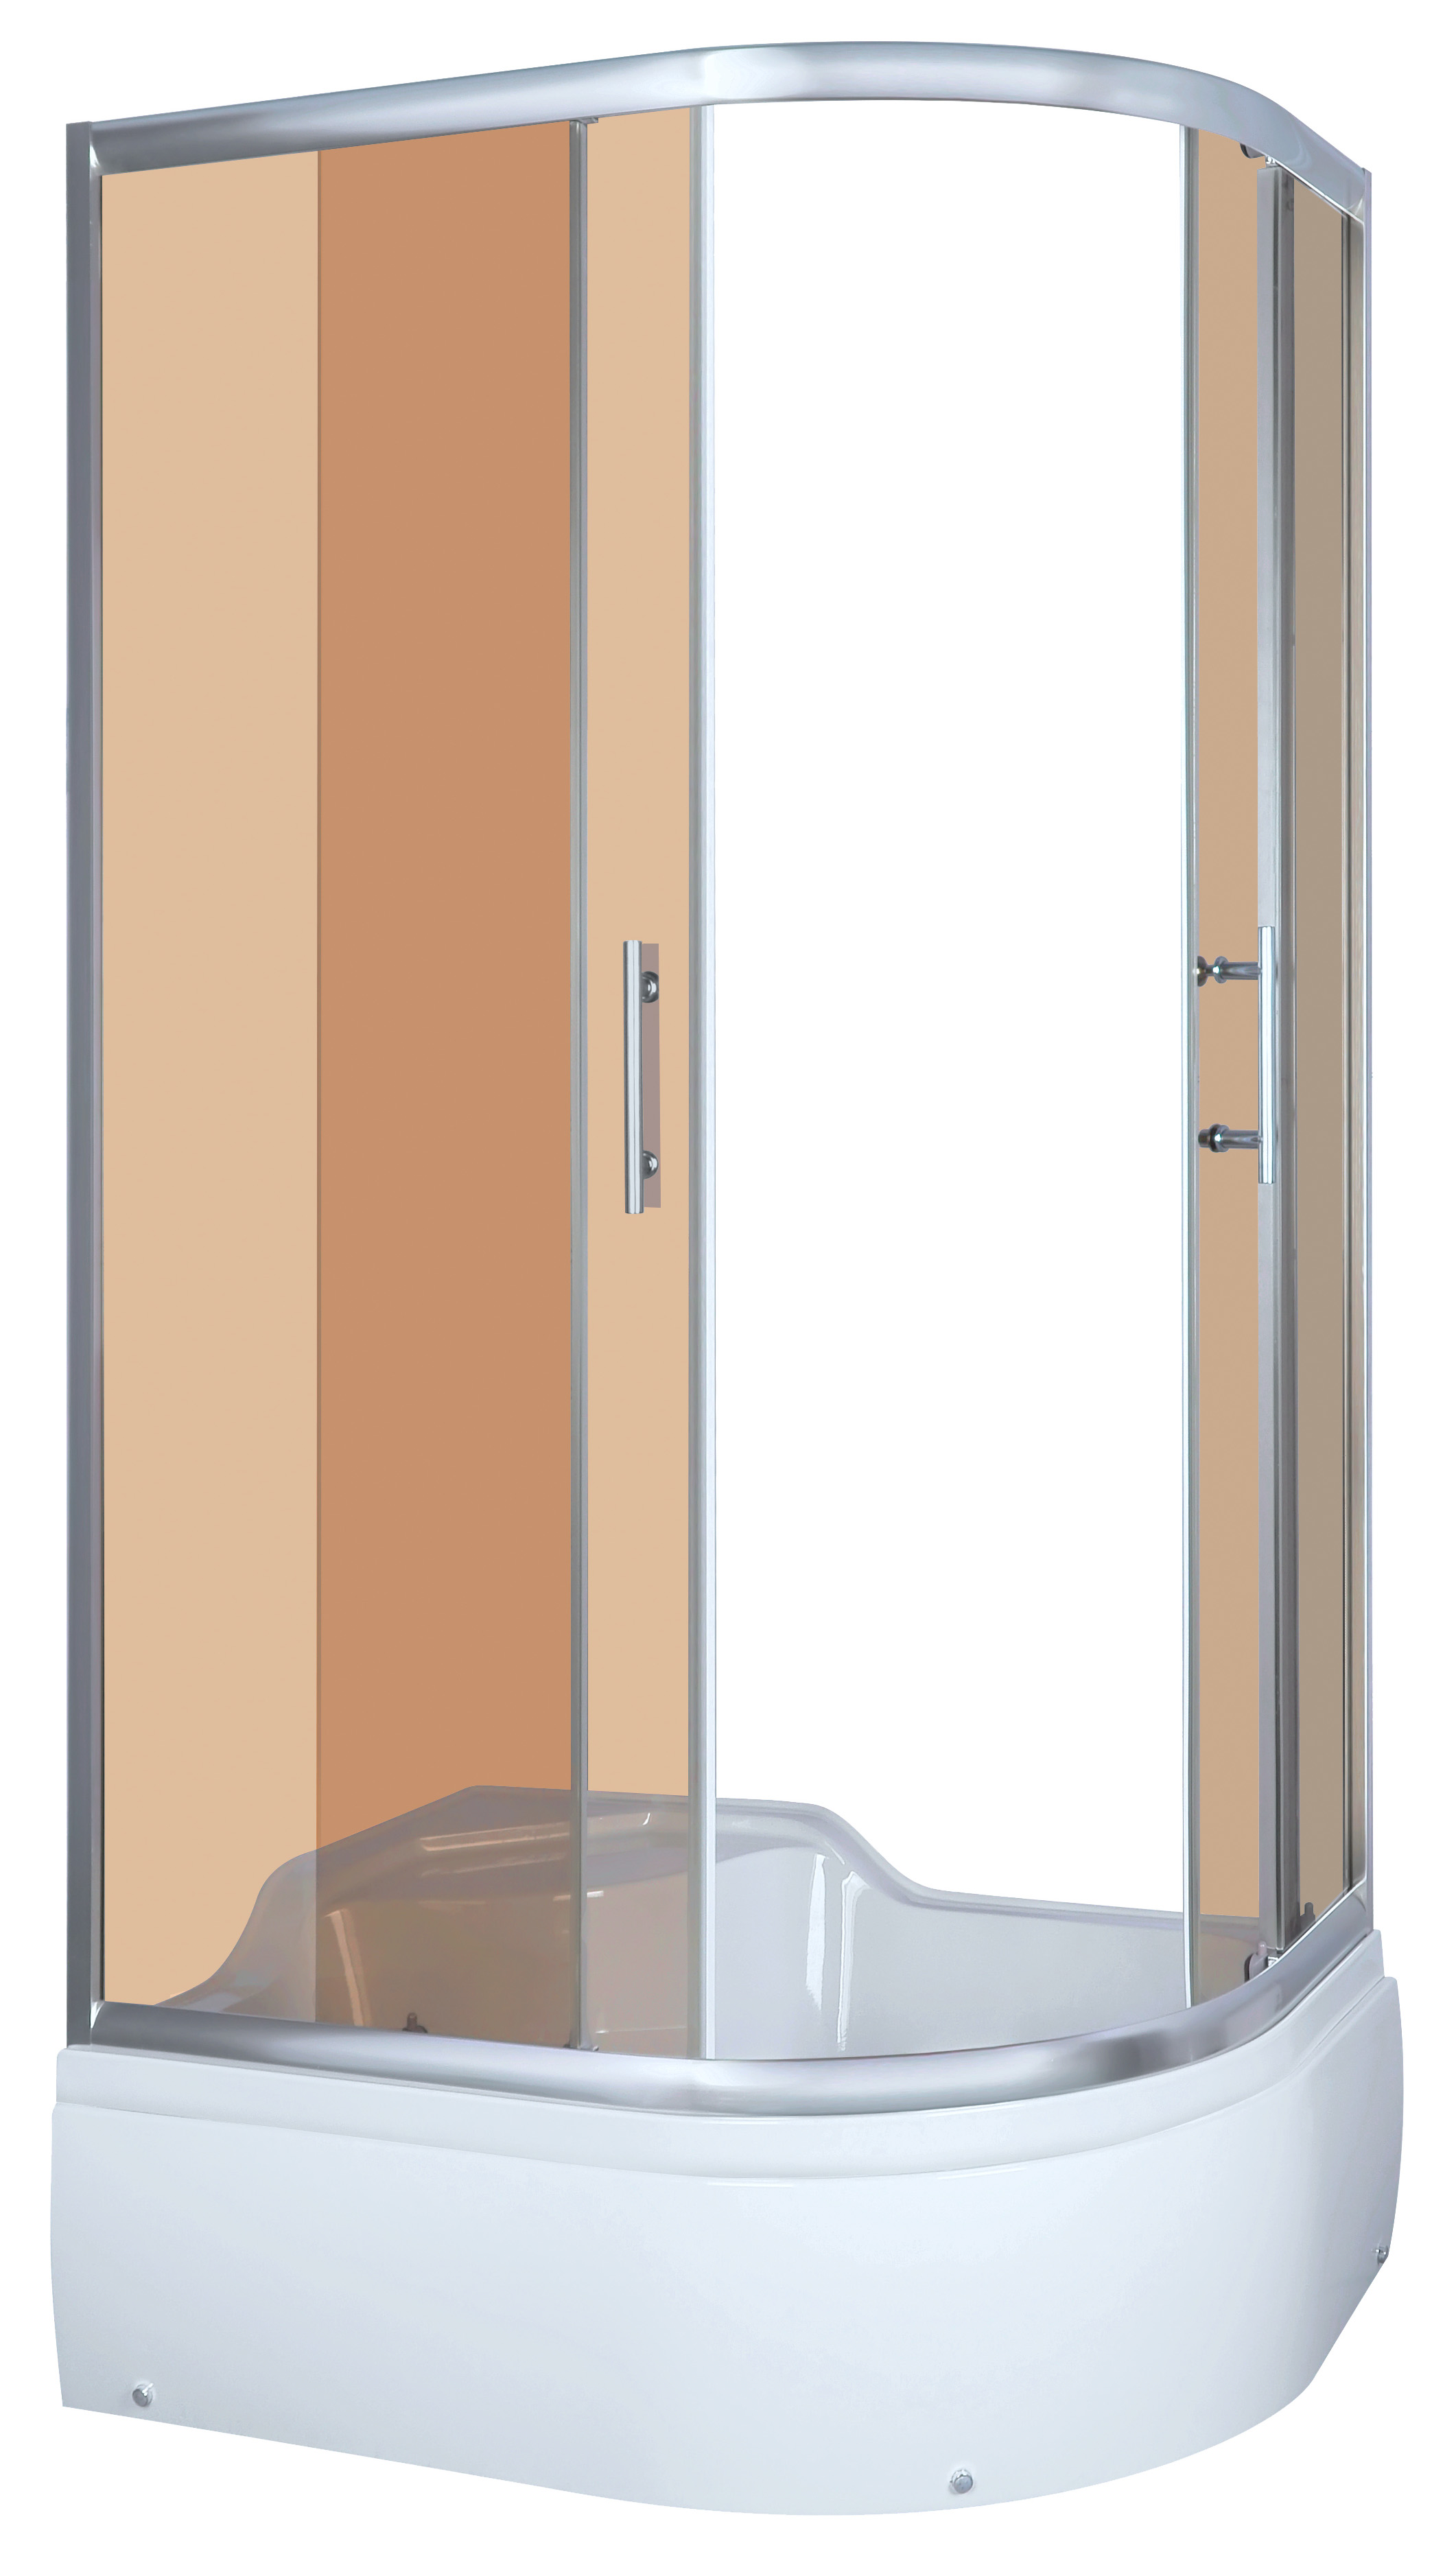 duschkabine mit sitz fertigdusche dusche duschtempel duschwand 120 x 80 x 195 cm. Black Bedroom Furniture Sets. Home Design Ideas